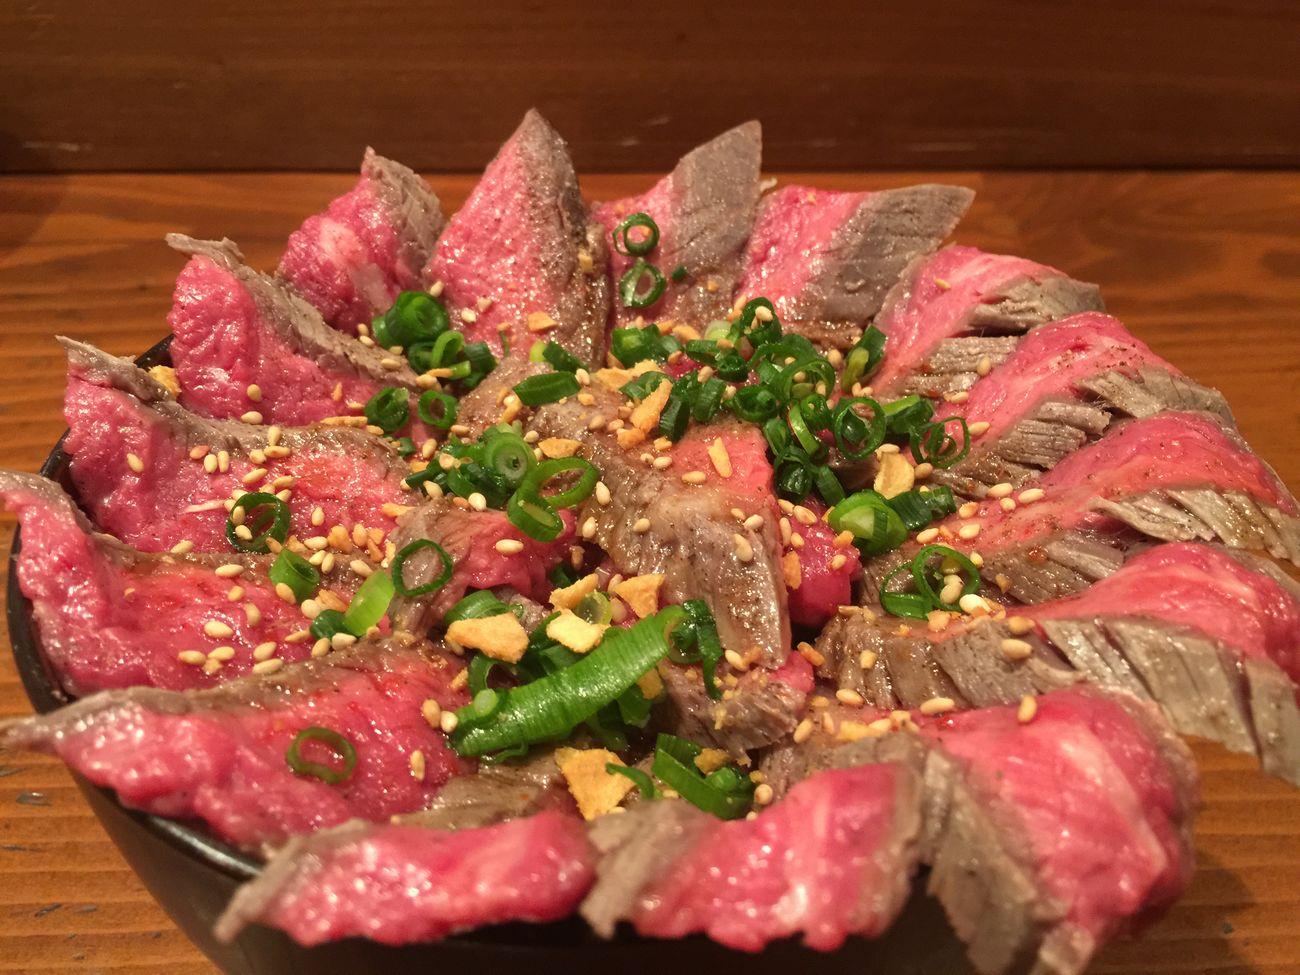 ビフ丼のタレマイナーチェンジ! ビフ丼 肴蔵 居酒屋 肉